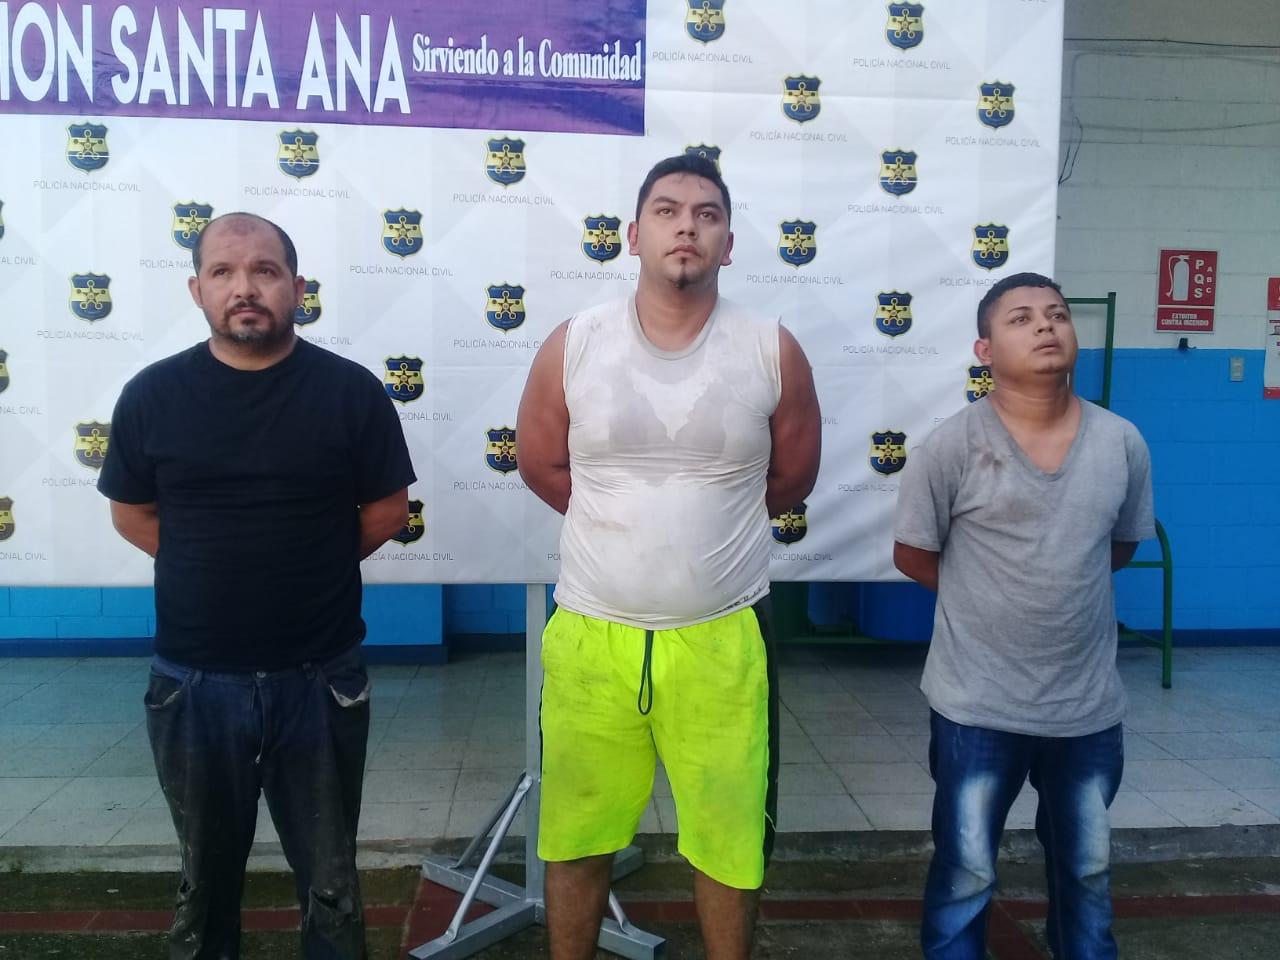 Capturan supuestos sujetos que habían asaltado a persona que recién salía de un banco en Santa Ana